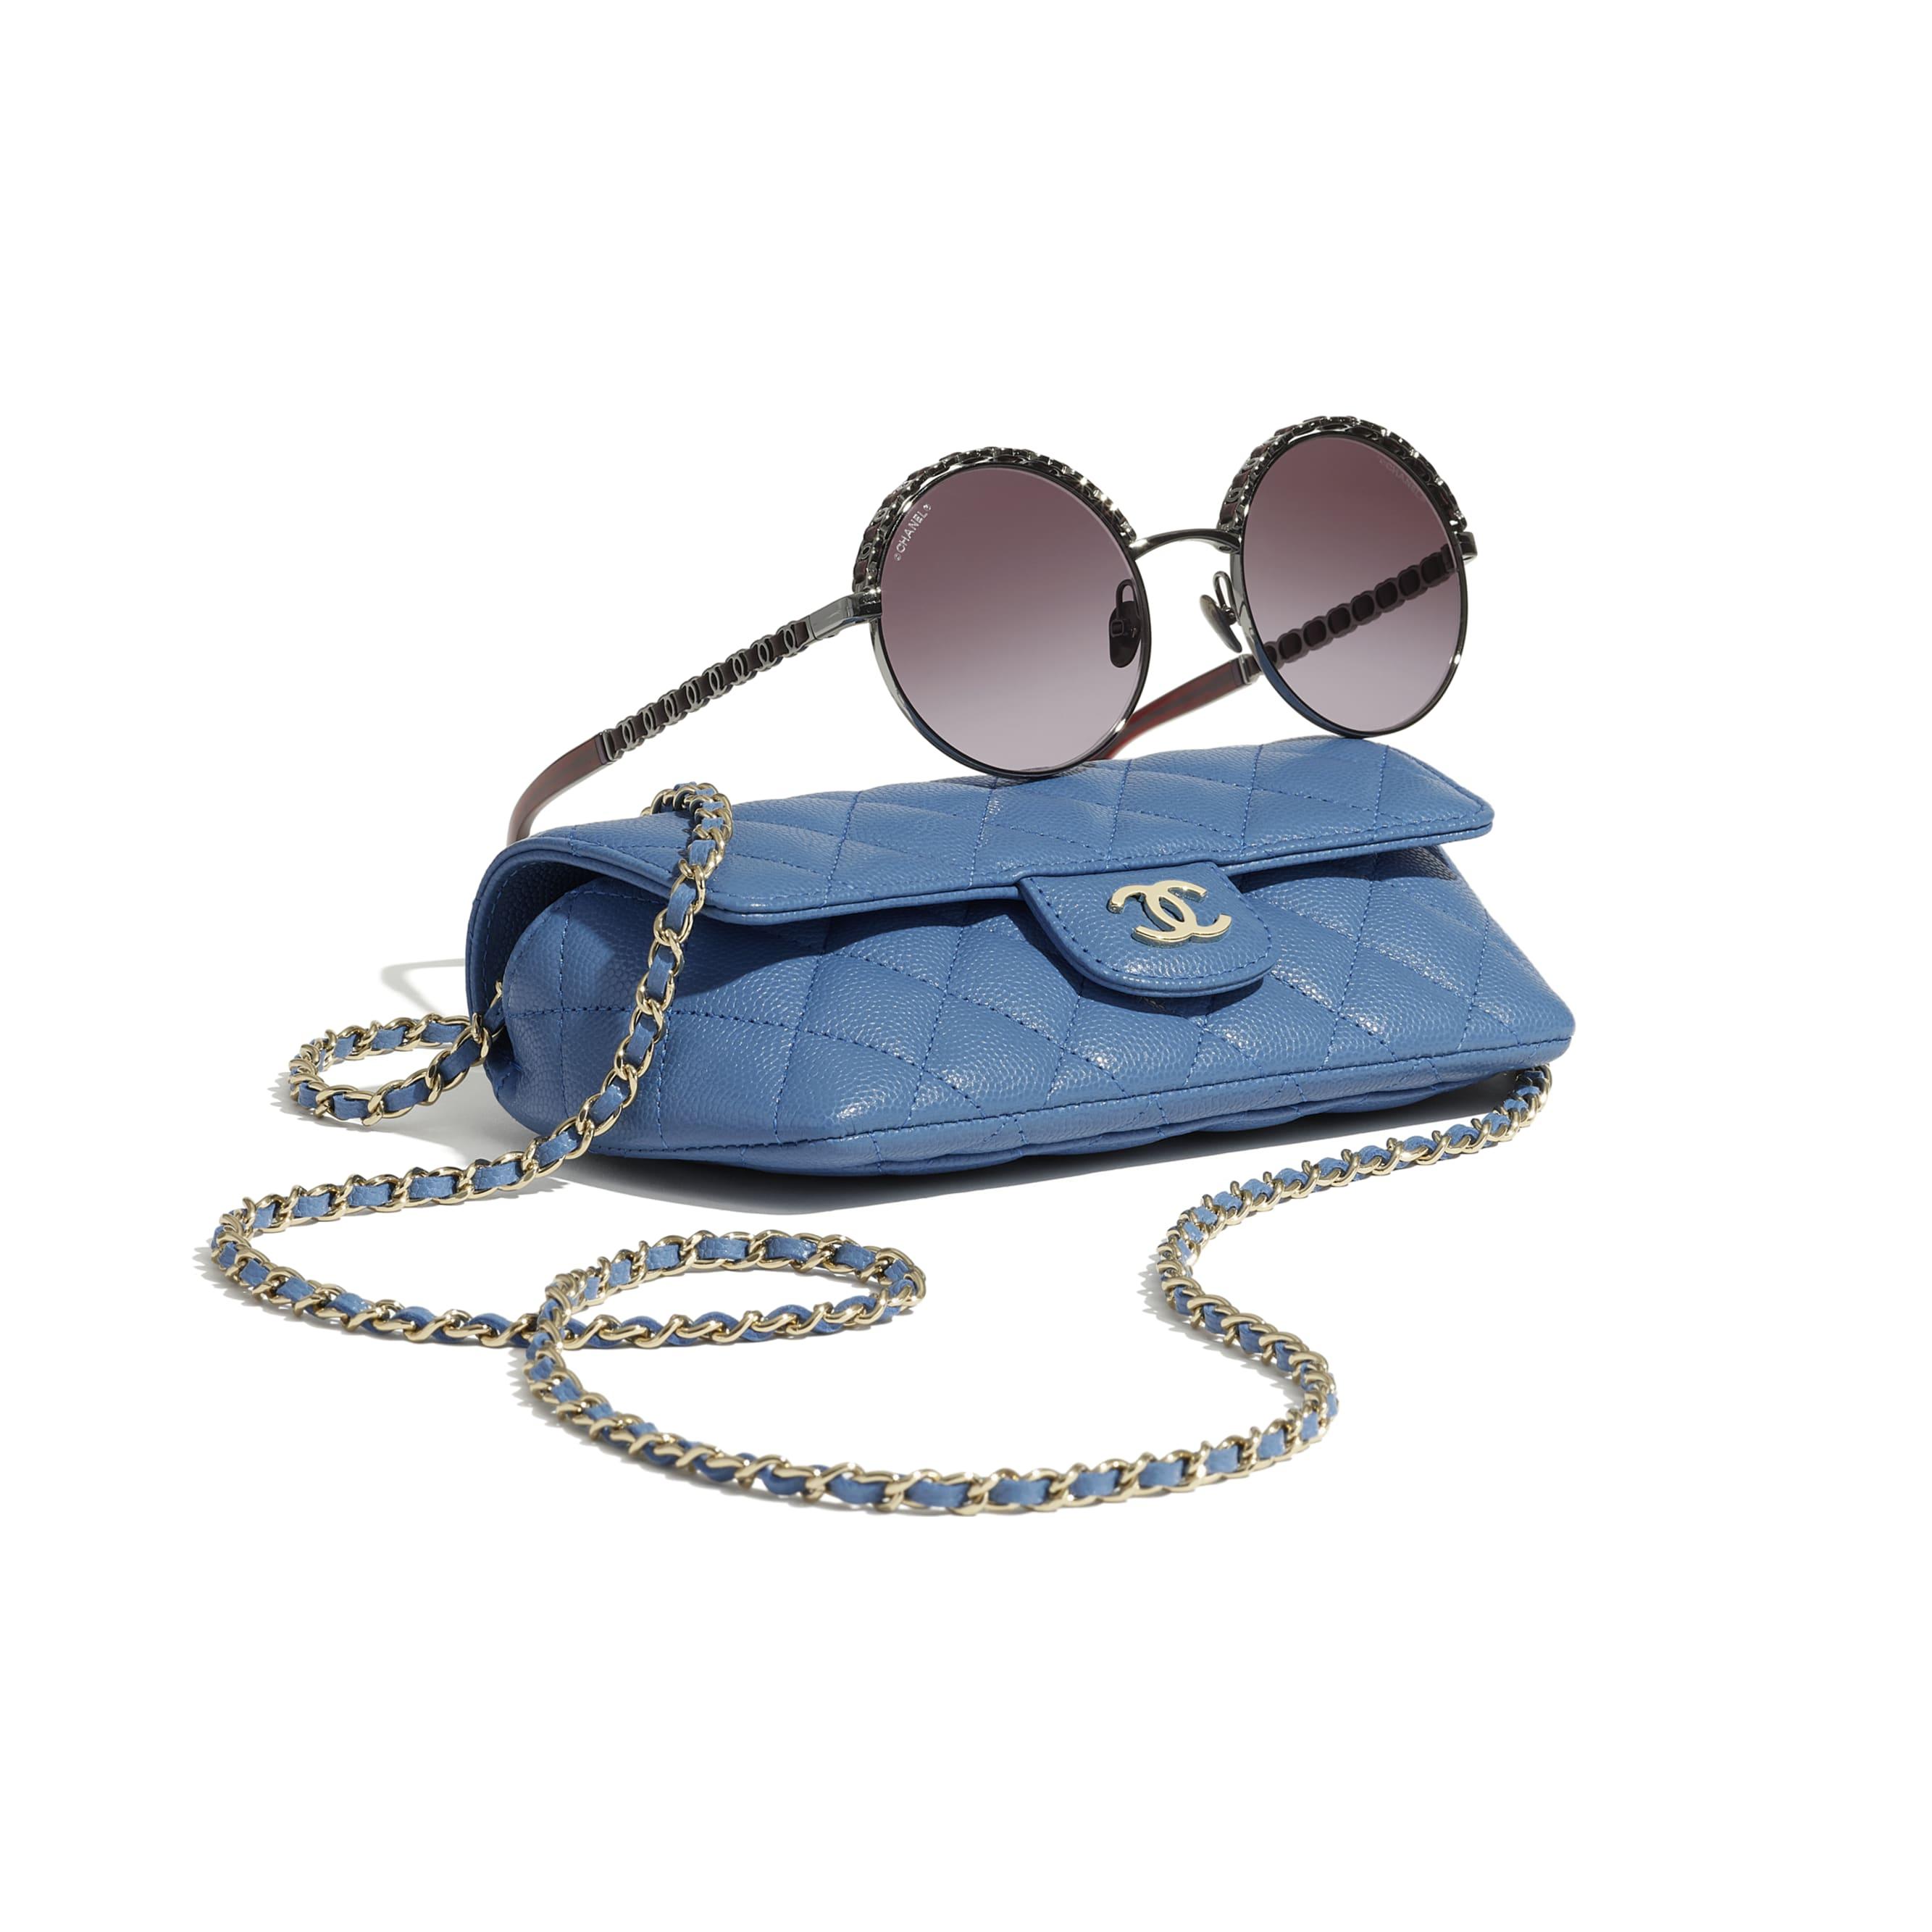 經典款鏈條眼鏡盒 - 藍色 - 粒紋小牛皮及金色金屬 - CHANEL - 額外視圖 - 查看標準尺寸版本